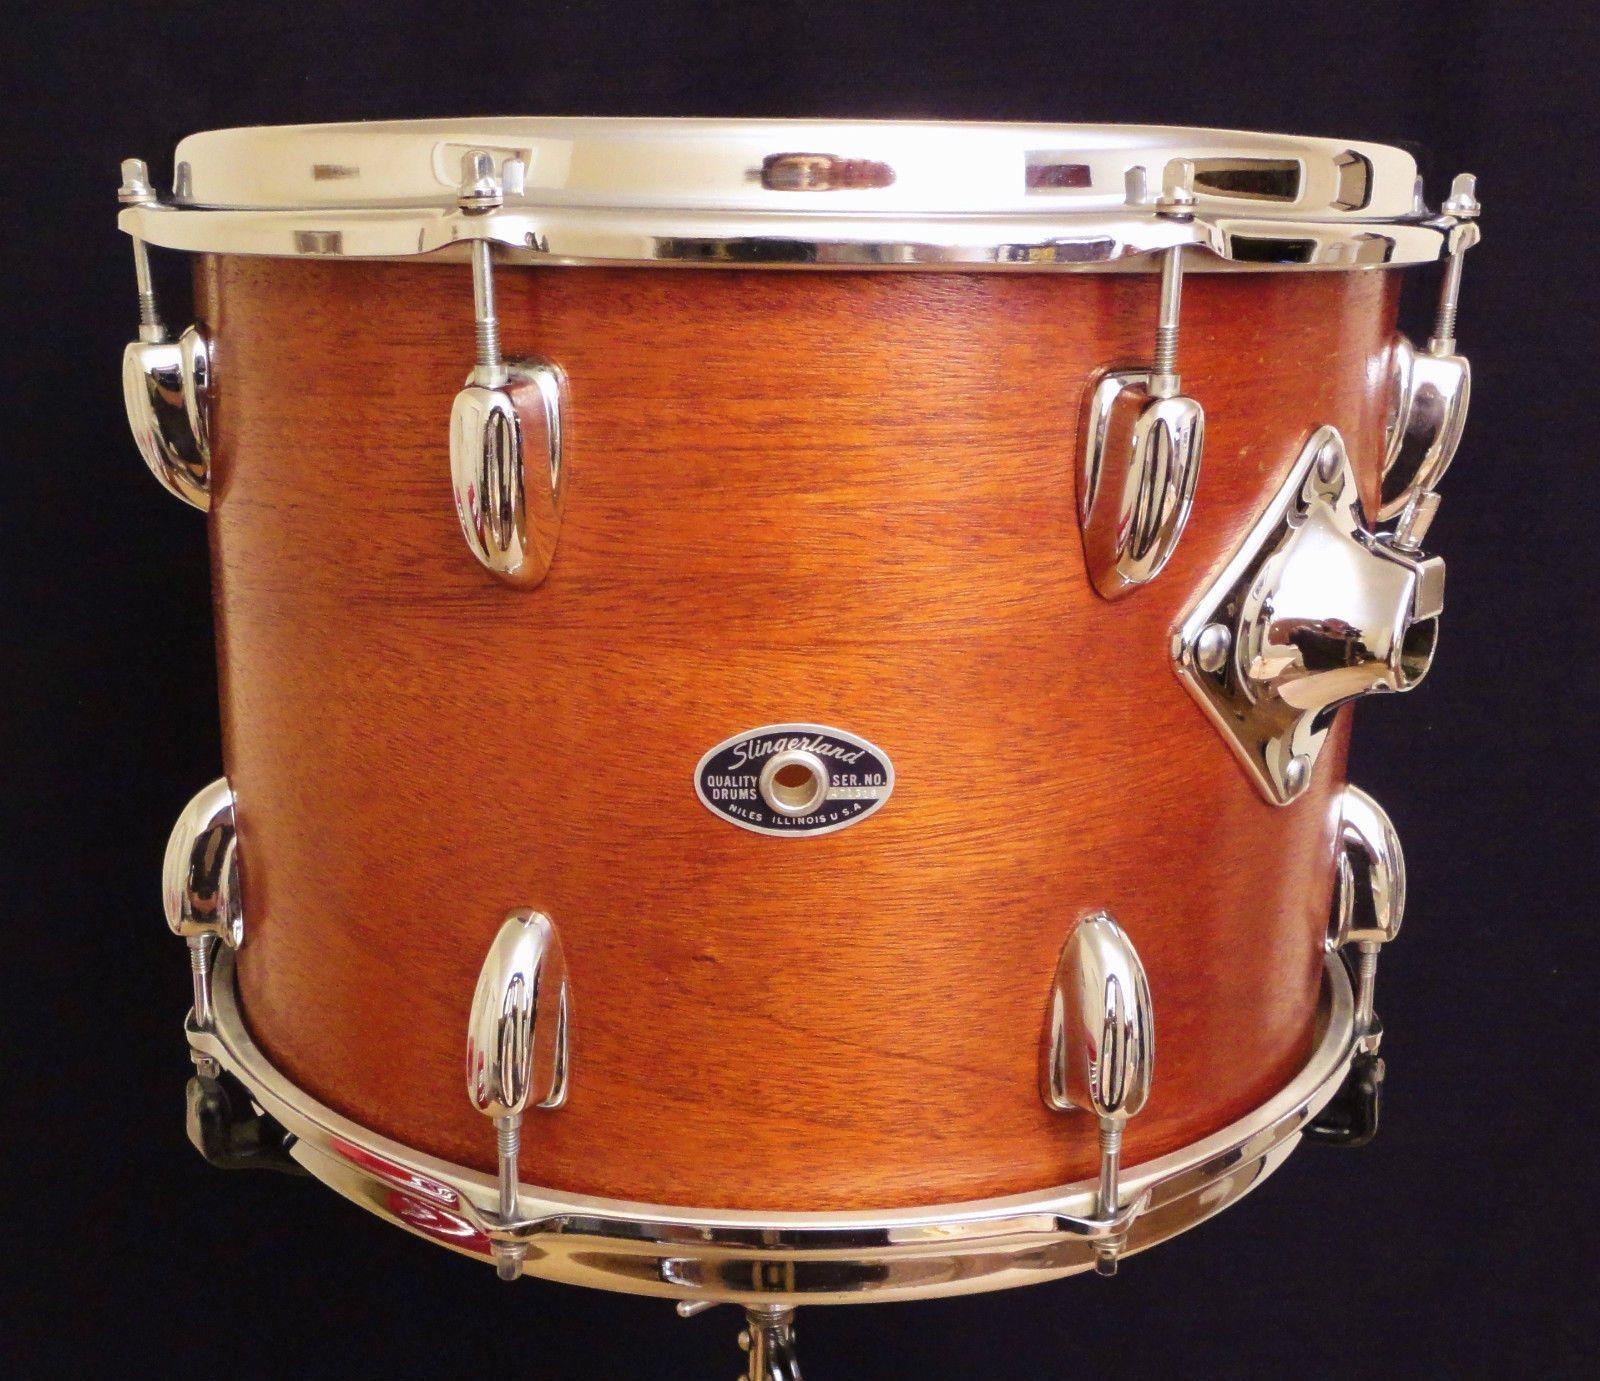 Vintage Niles Era Slingerland 14 Mahogany Maple Tom Drum For Set Nice Tom Drum Drums Vintage Drums